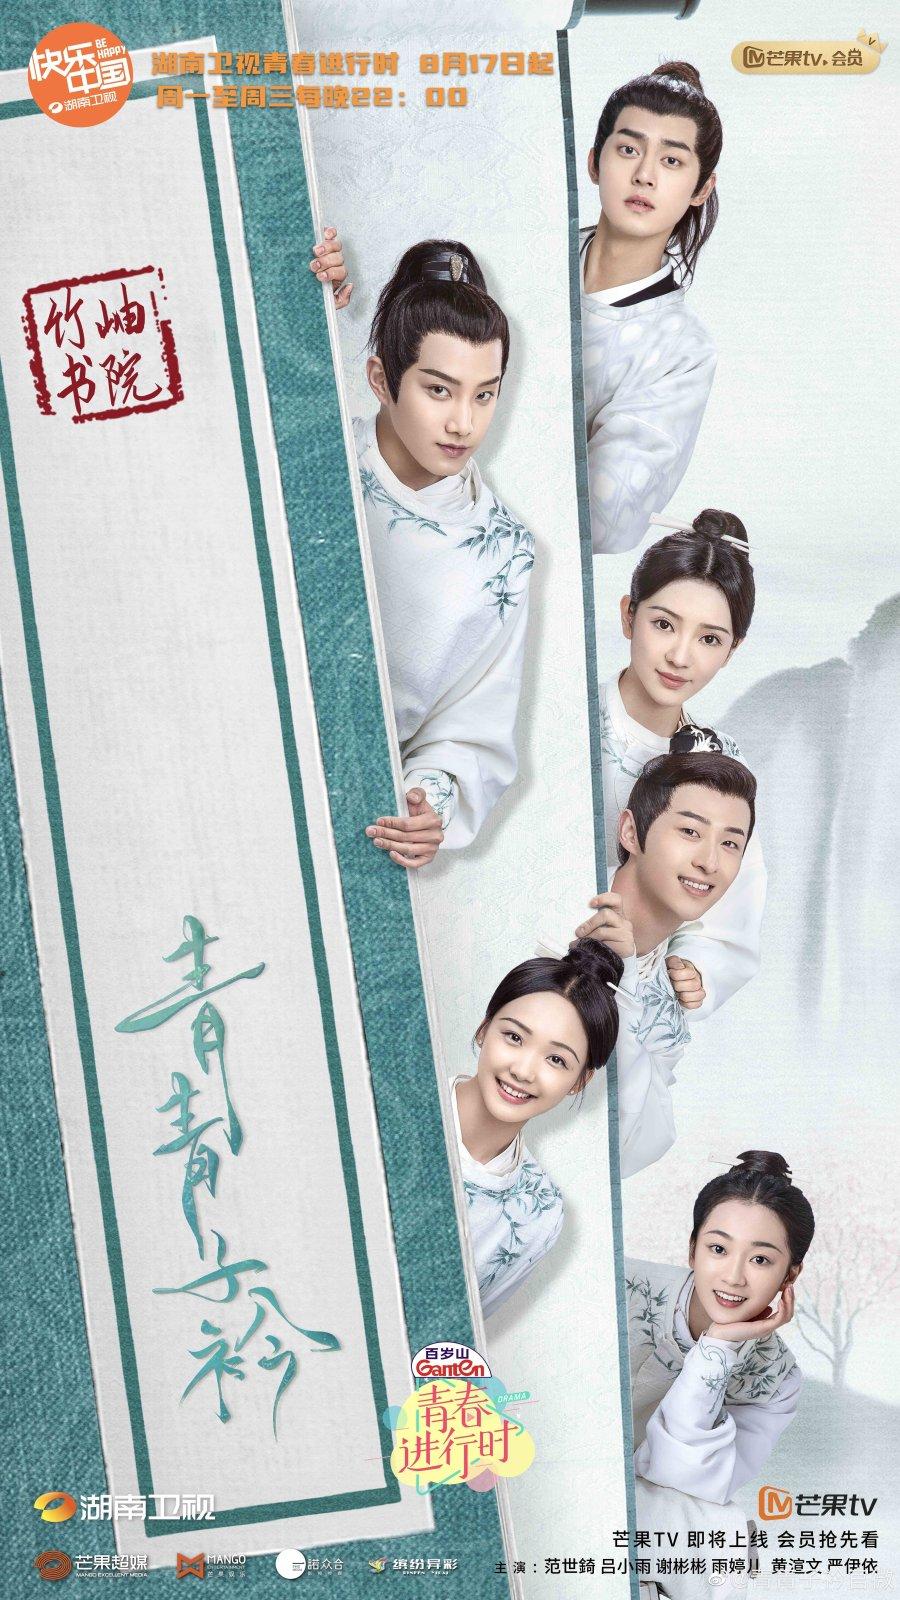 Qingqing Zijin (Drama China) : Sinopsis dan Review